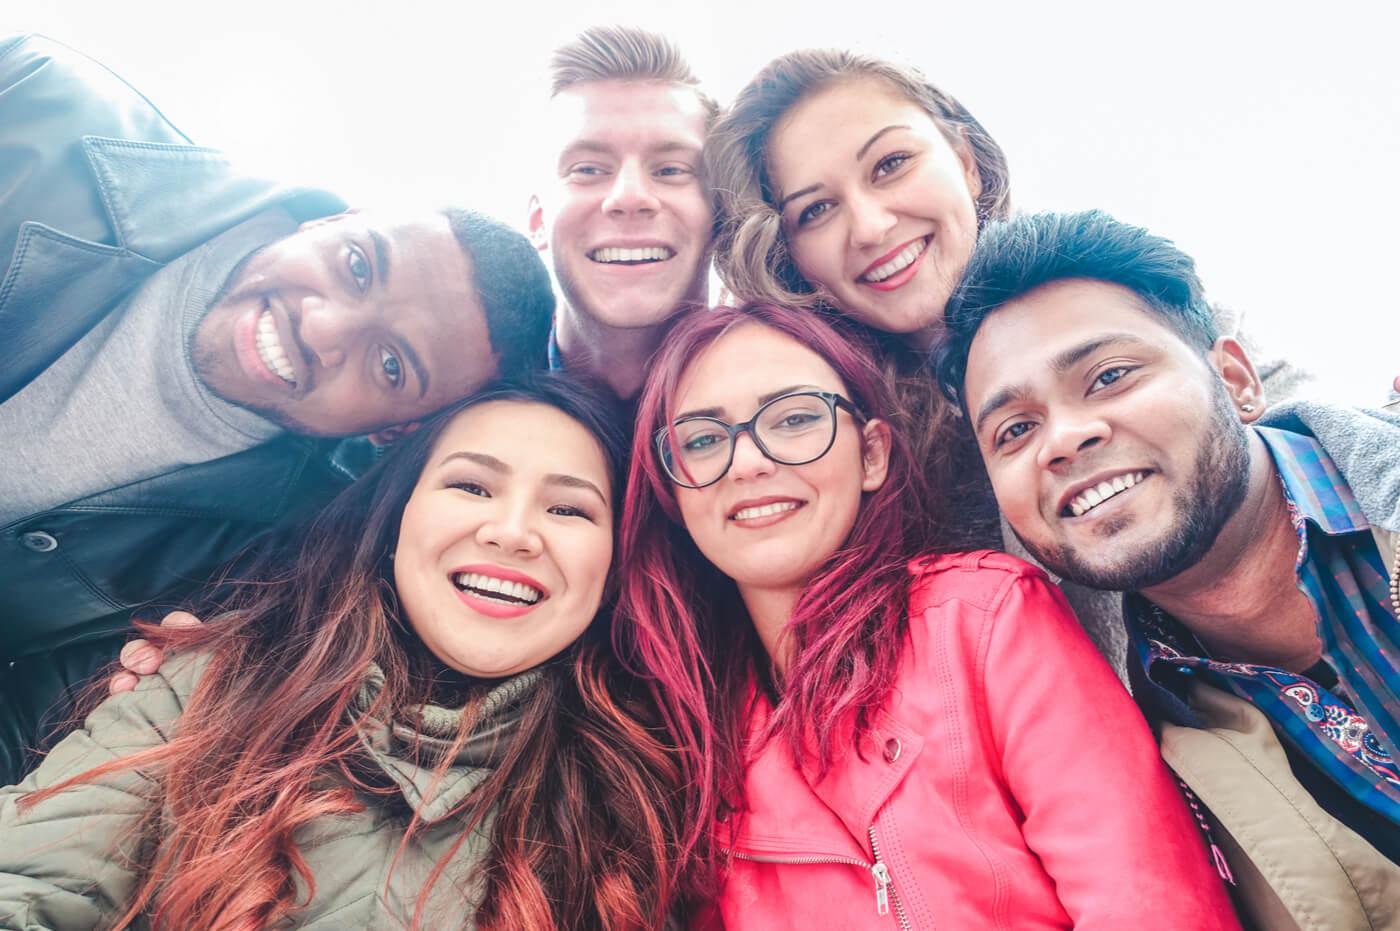 Kolektif Narsisizm – Kendine Bayılan Gruplar